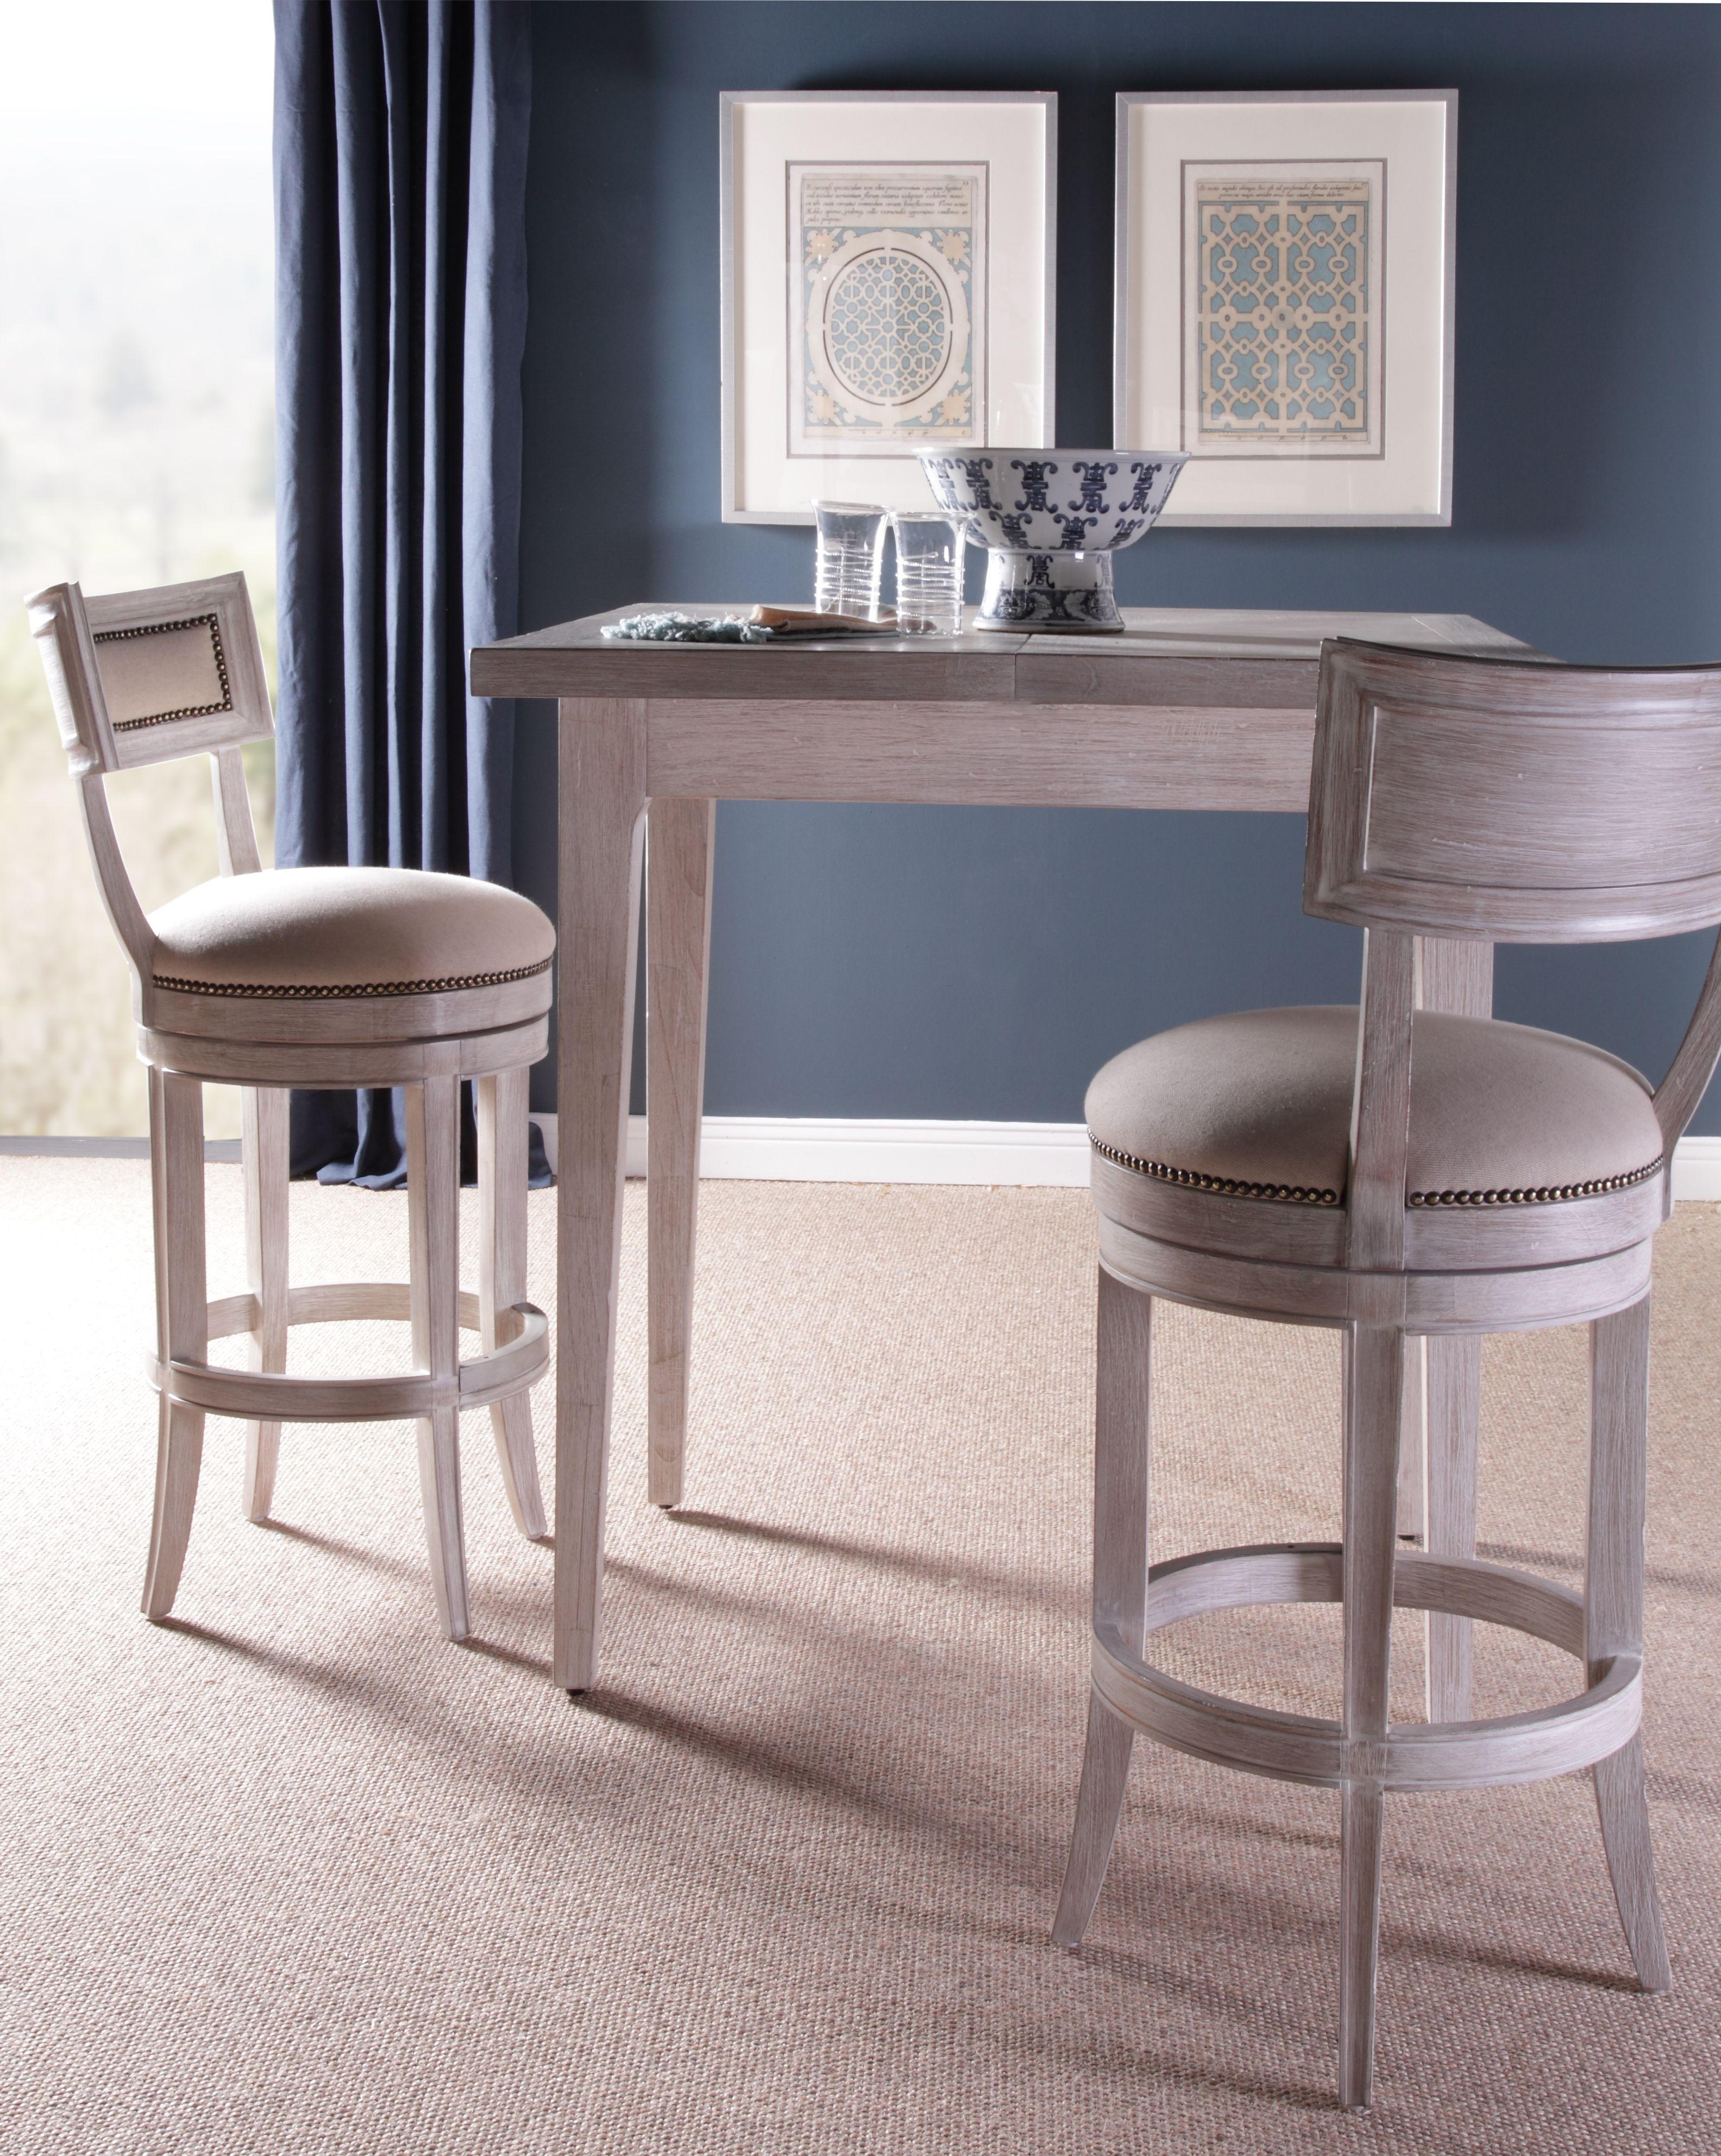 aperitif bianco barstools  ringo bianco bar table by artistica  - aperitif bianco barstools  ringo bianco bar table by artistica homefurnishings